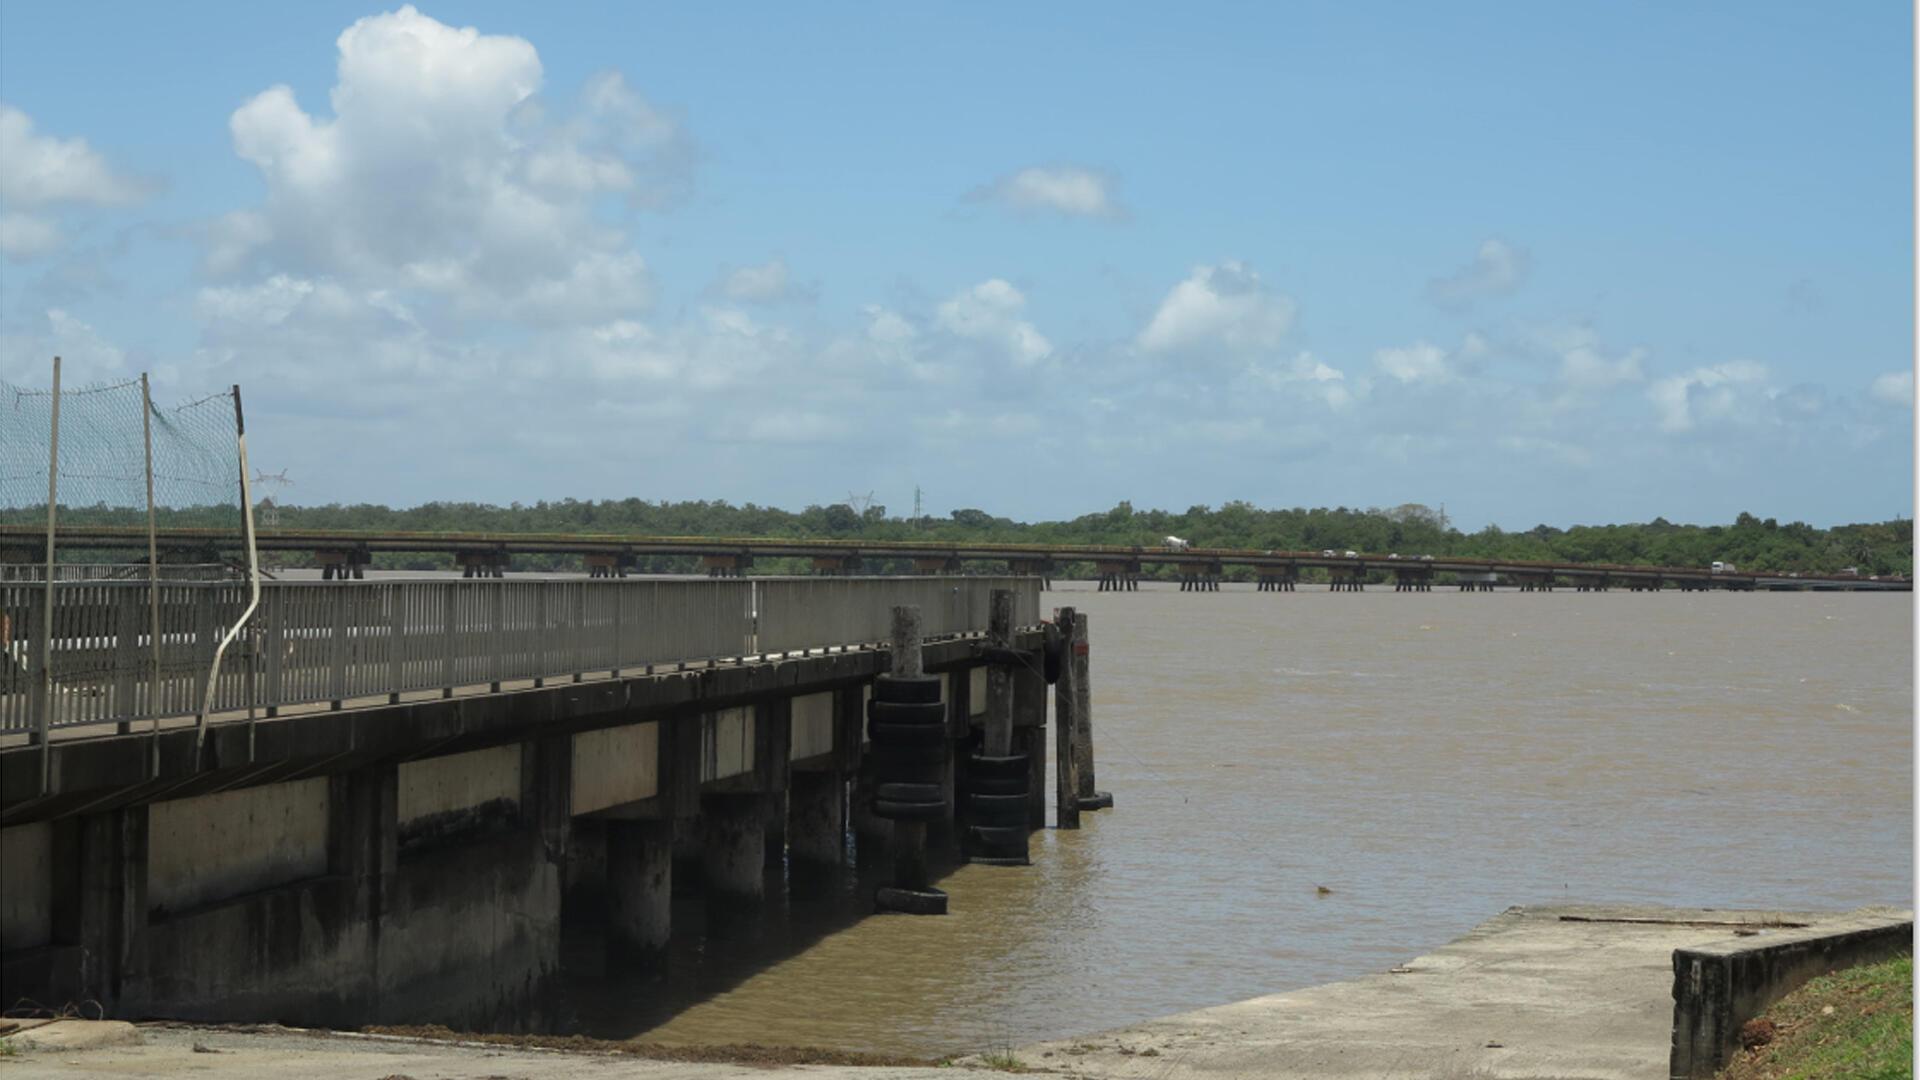 Caiena, vista do porto. Imagem ilustrativa.